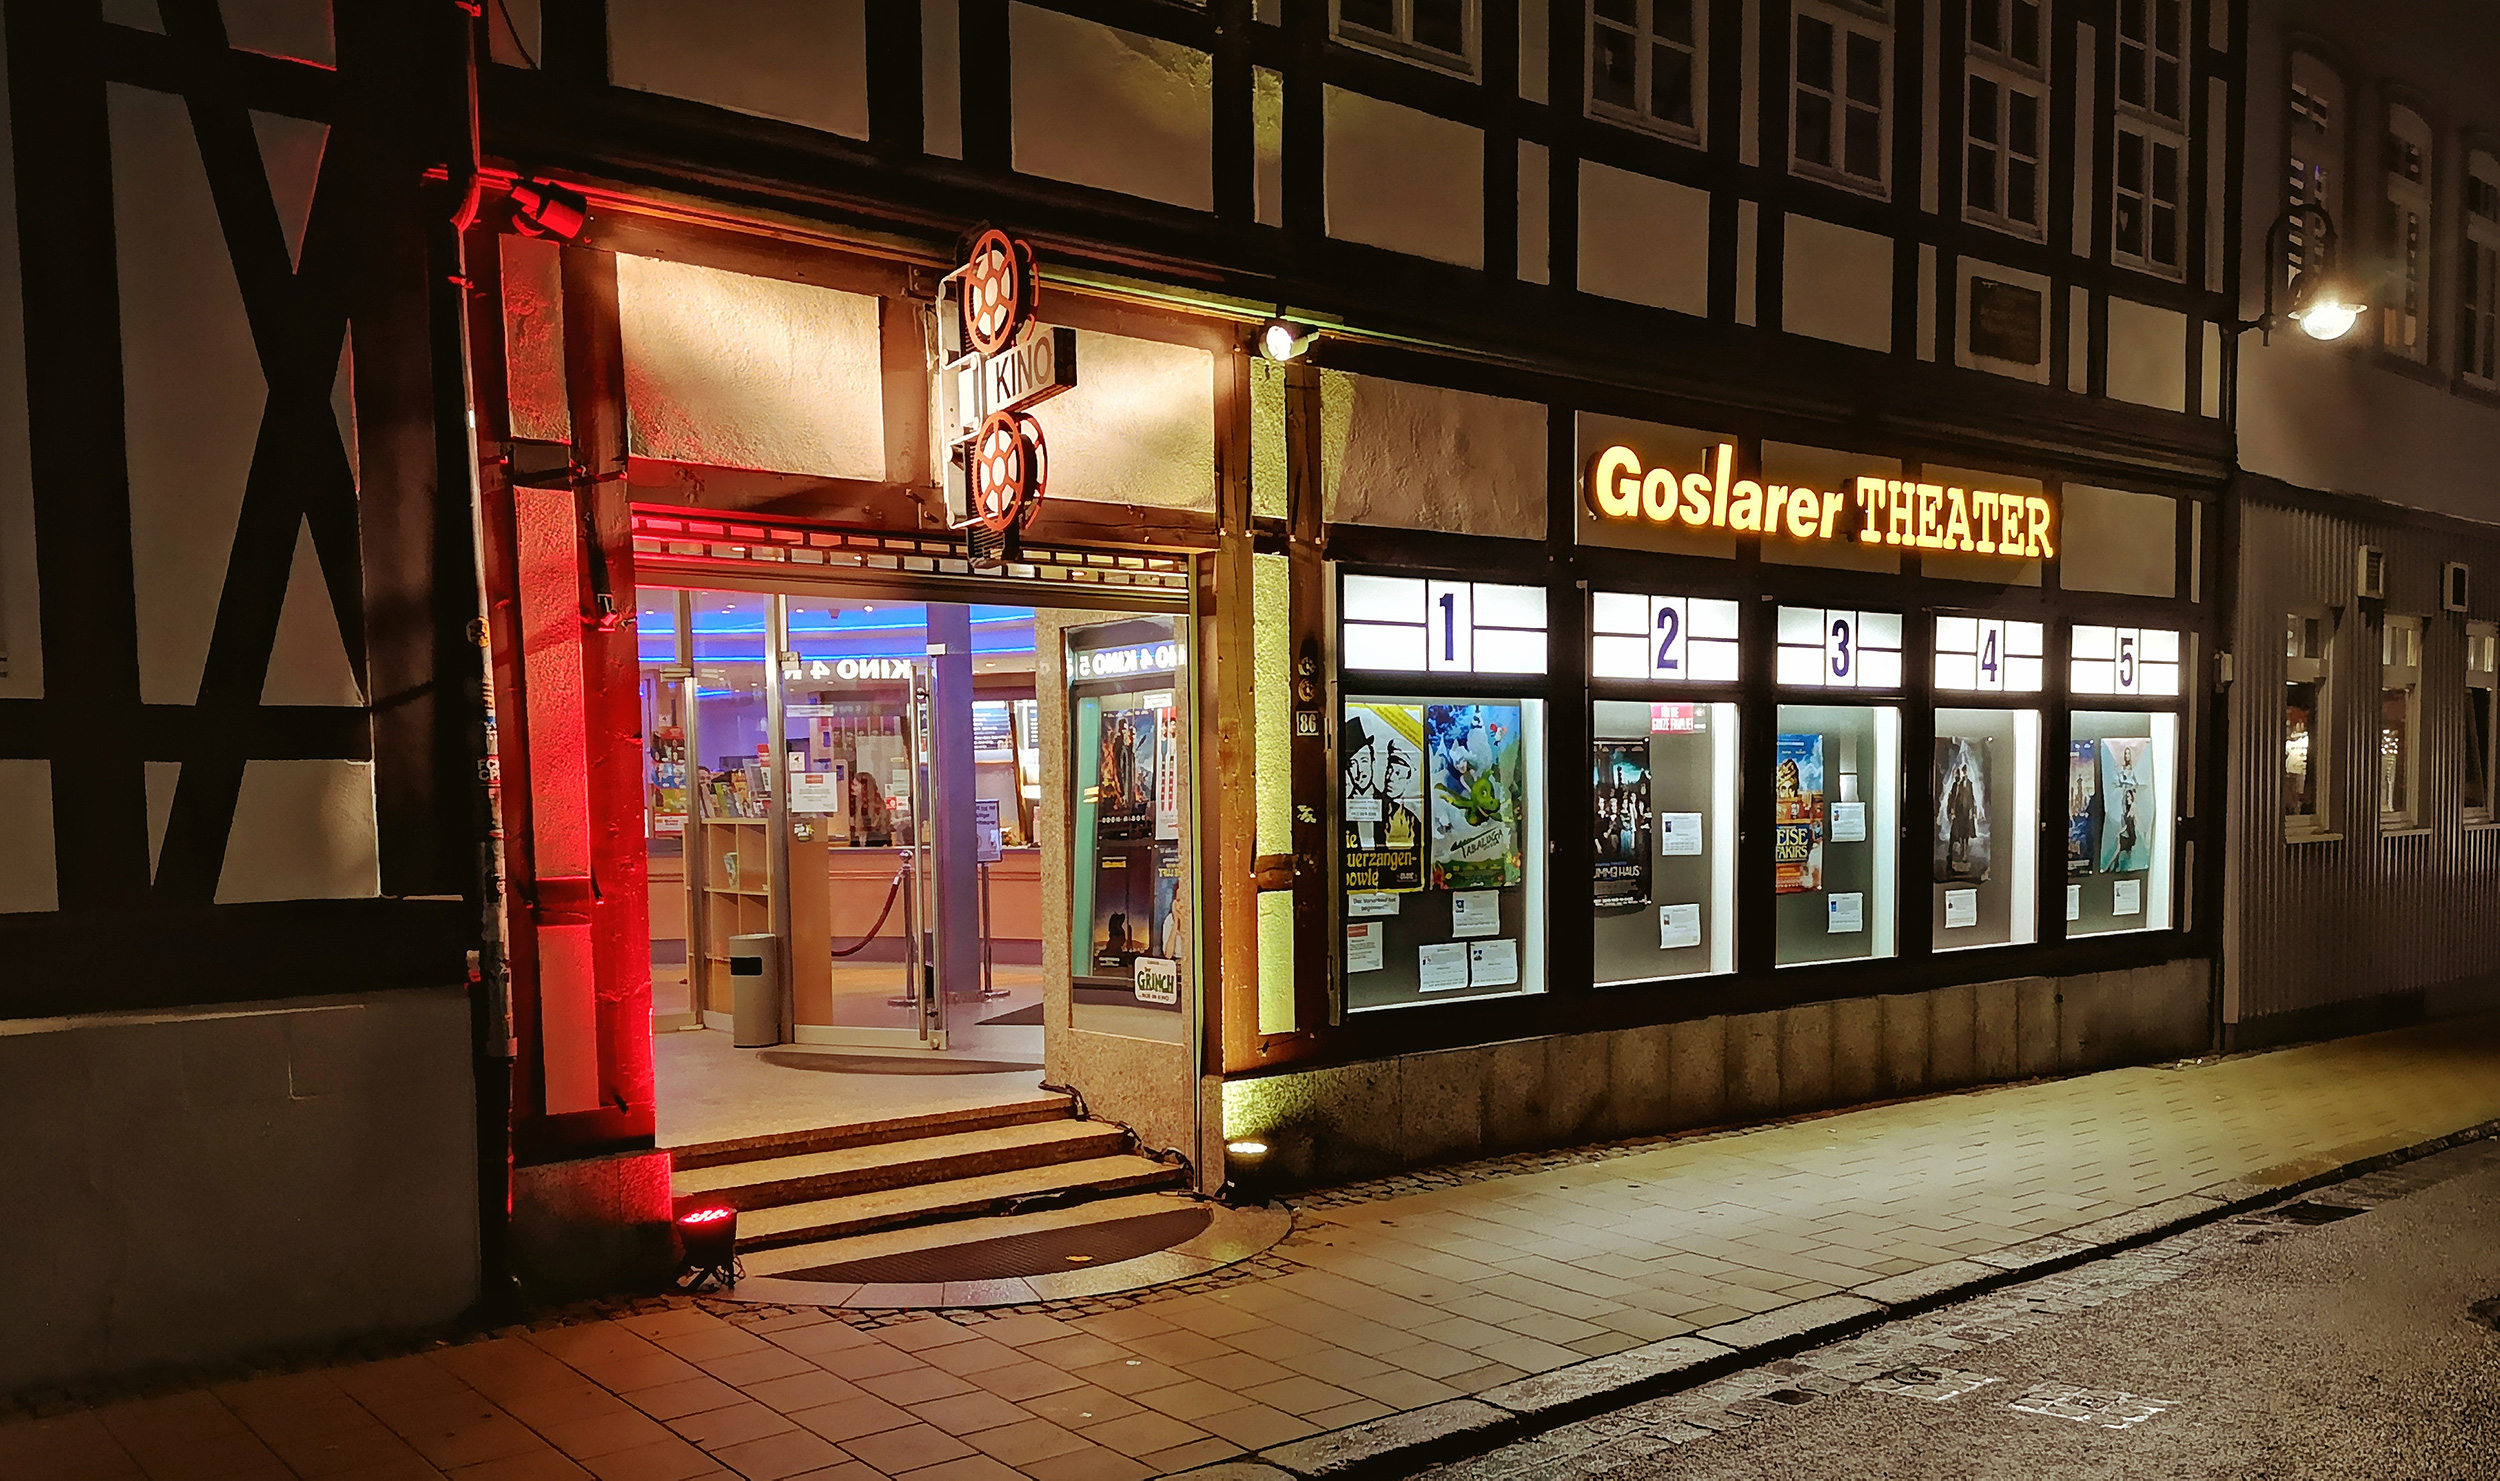 Goslarer Theater